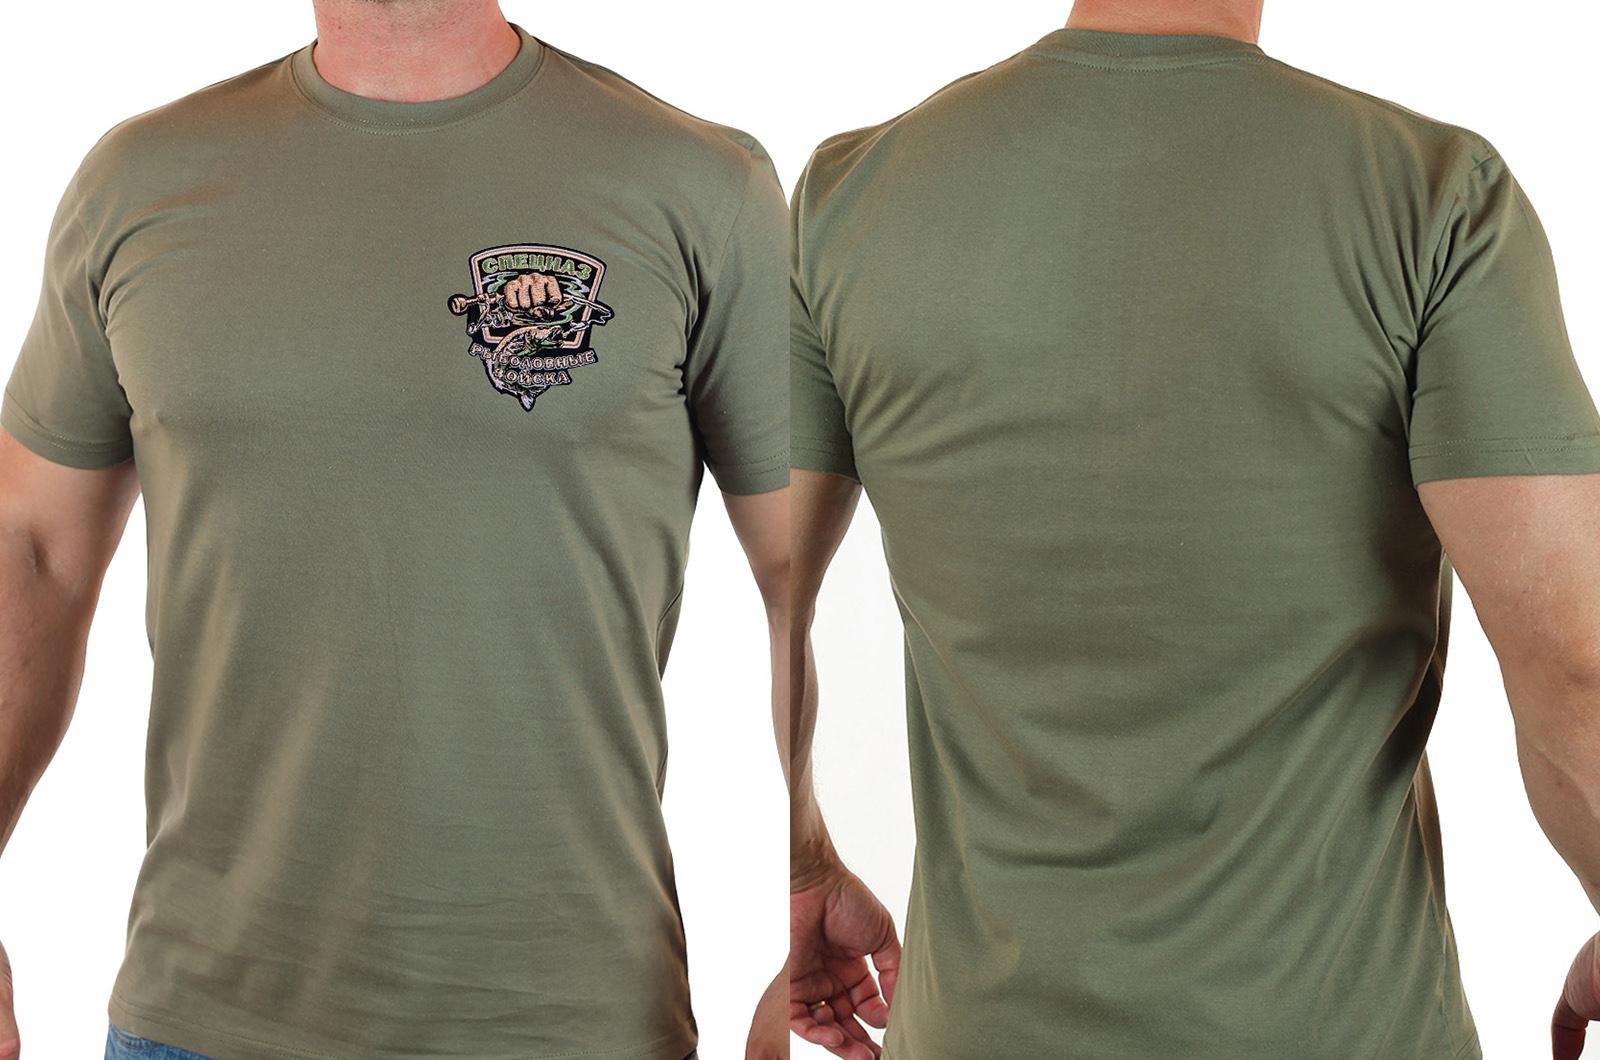 Мужская футболка с шевроном Рыболовных войск купить в подарок купить с доставкой